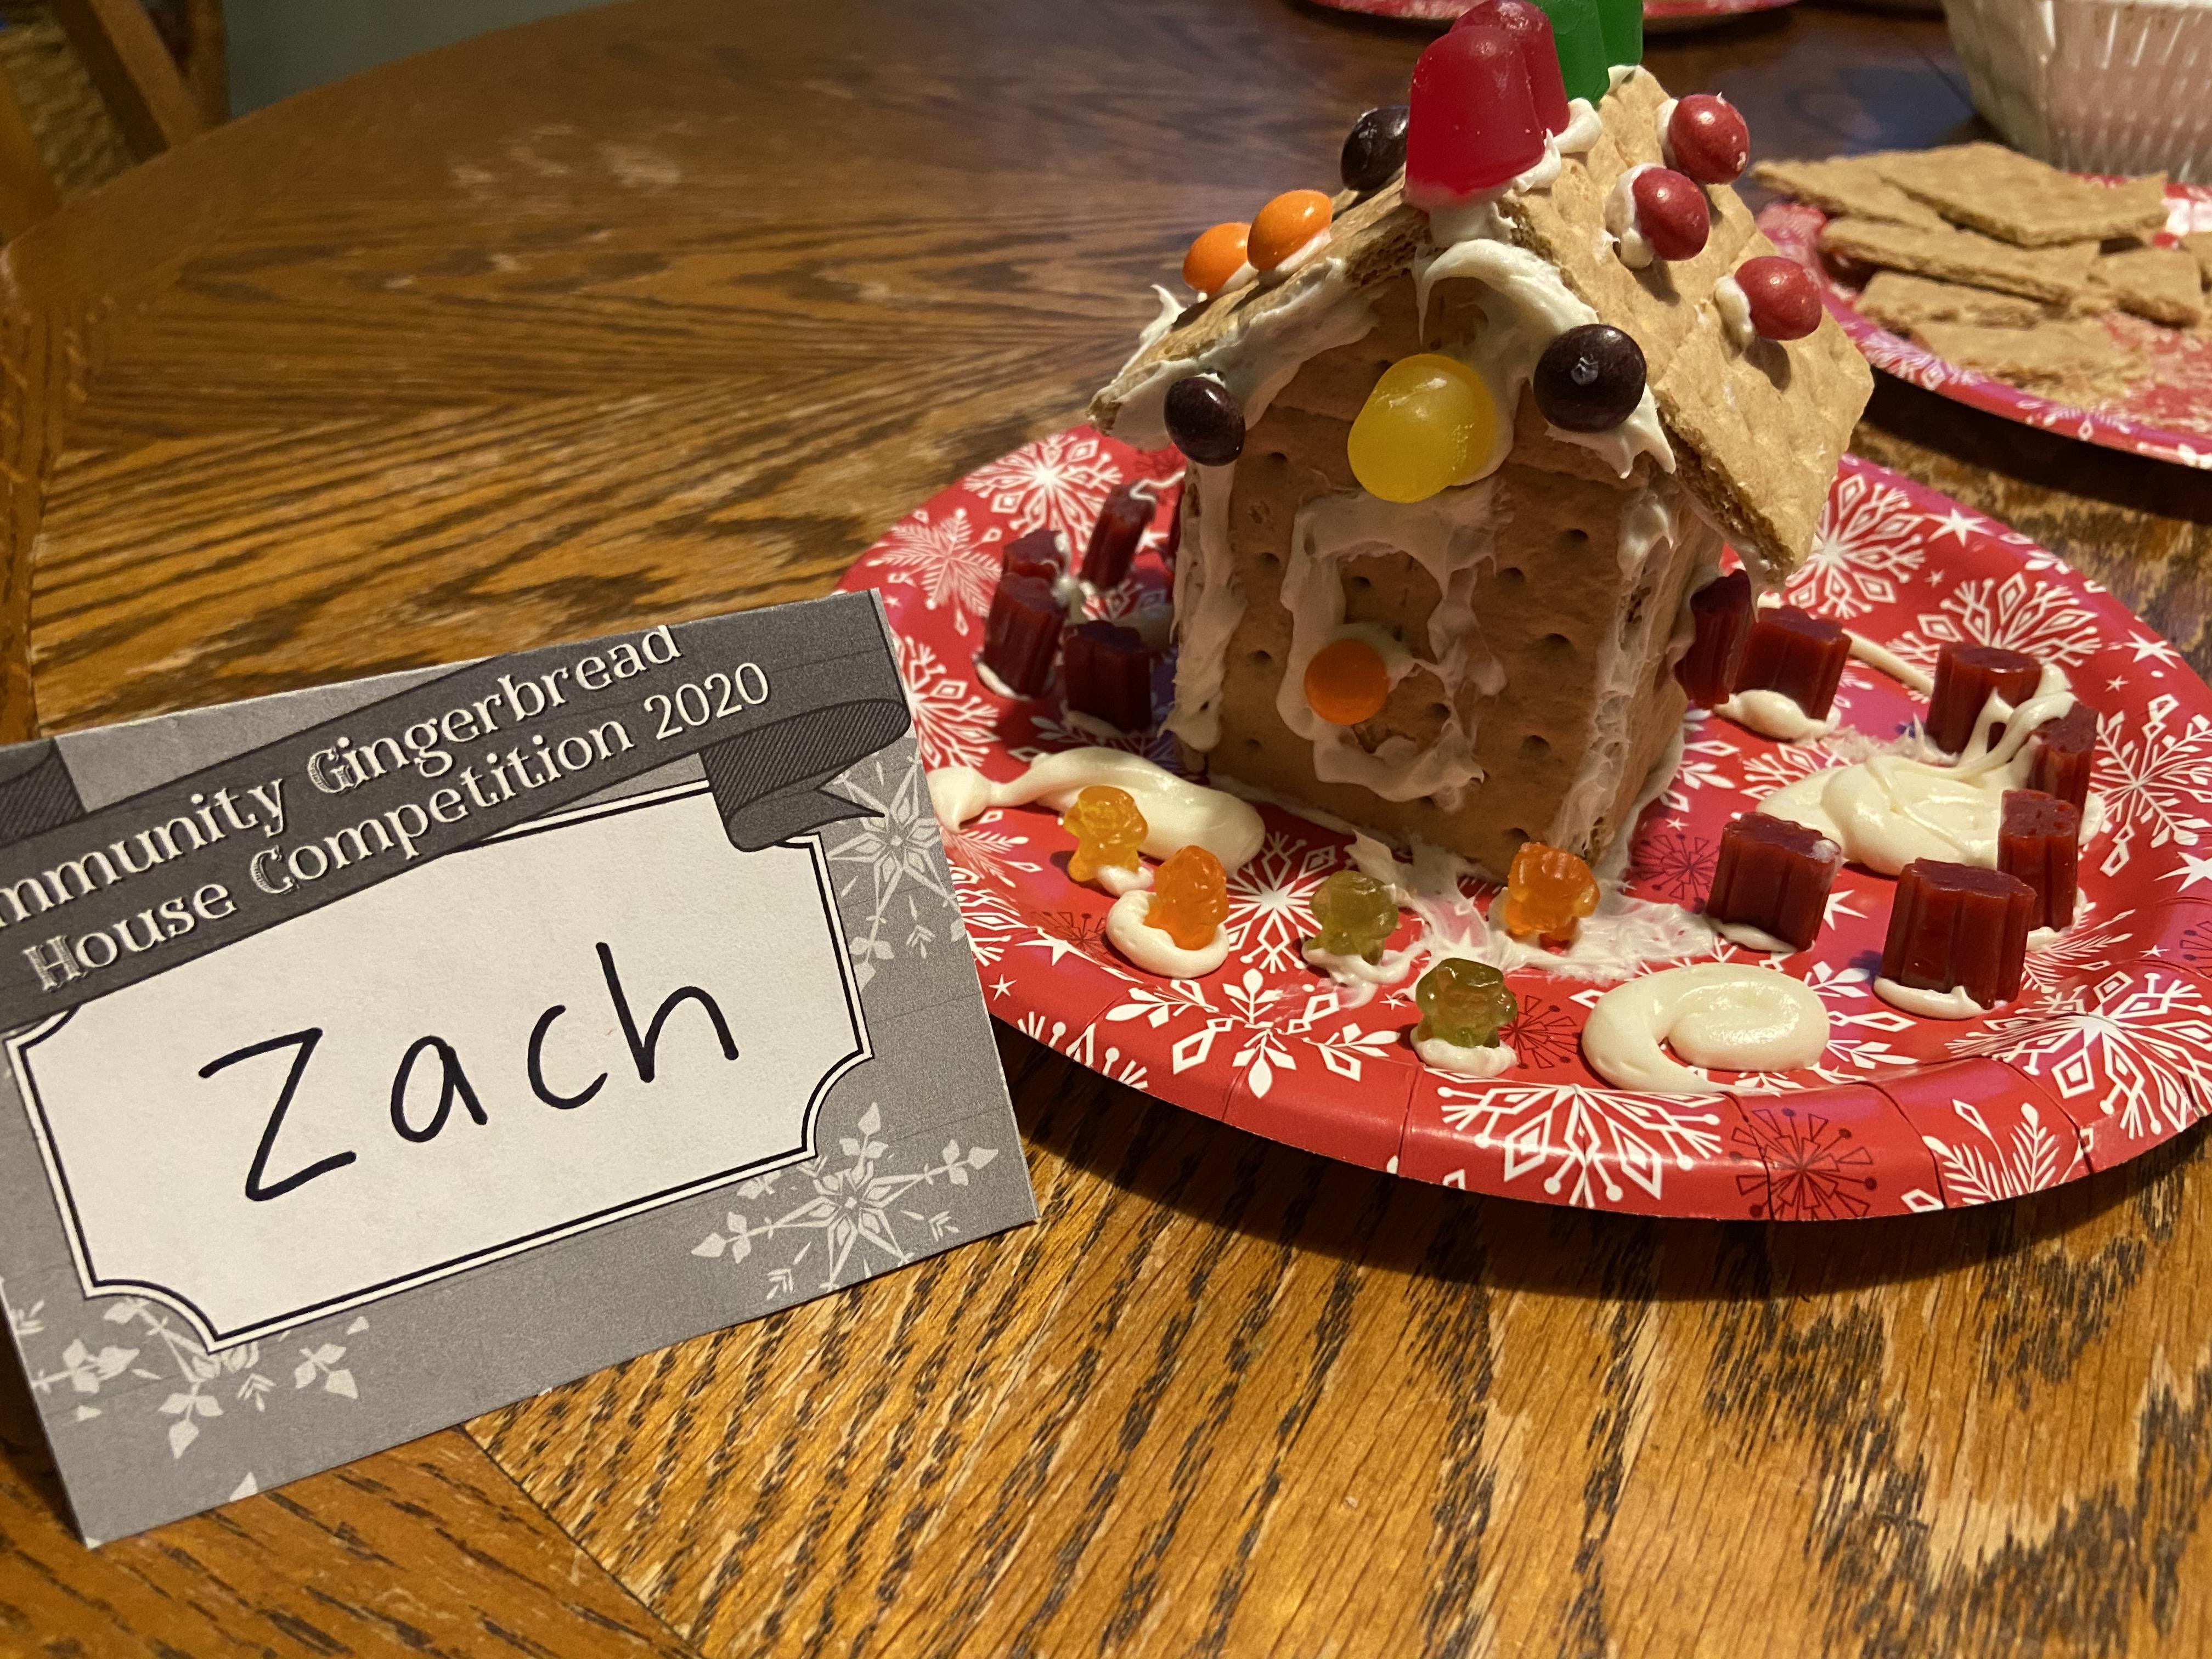 Zach - Child